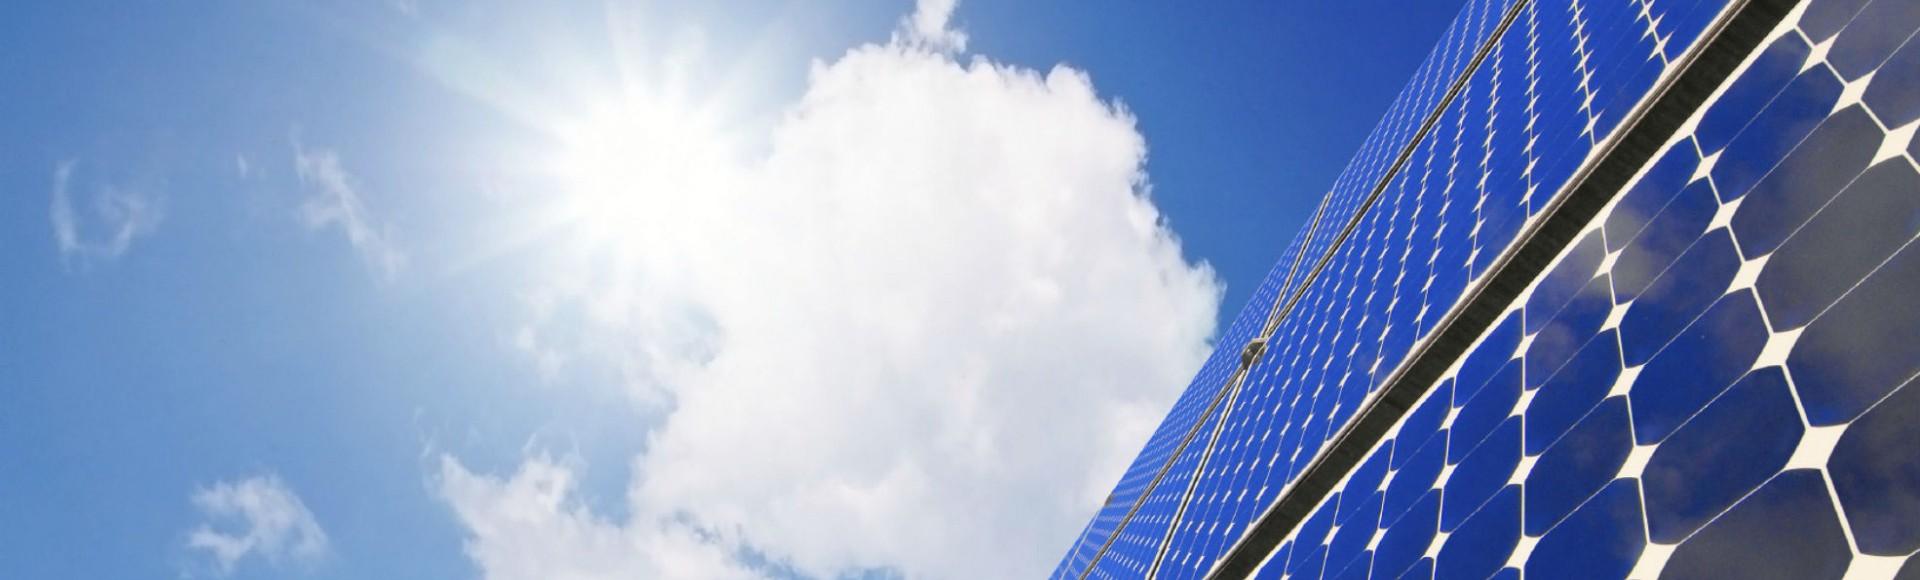 Energias renováveis | Solar Fotovoltaico